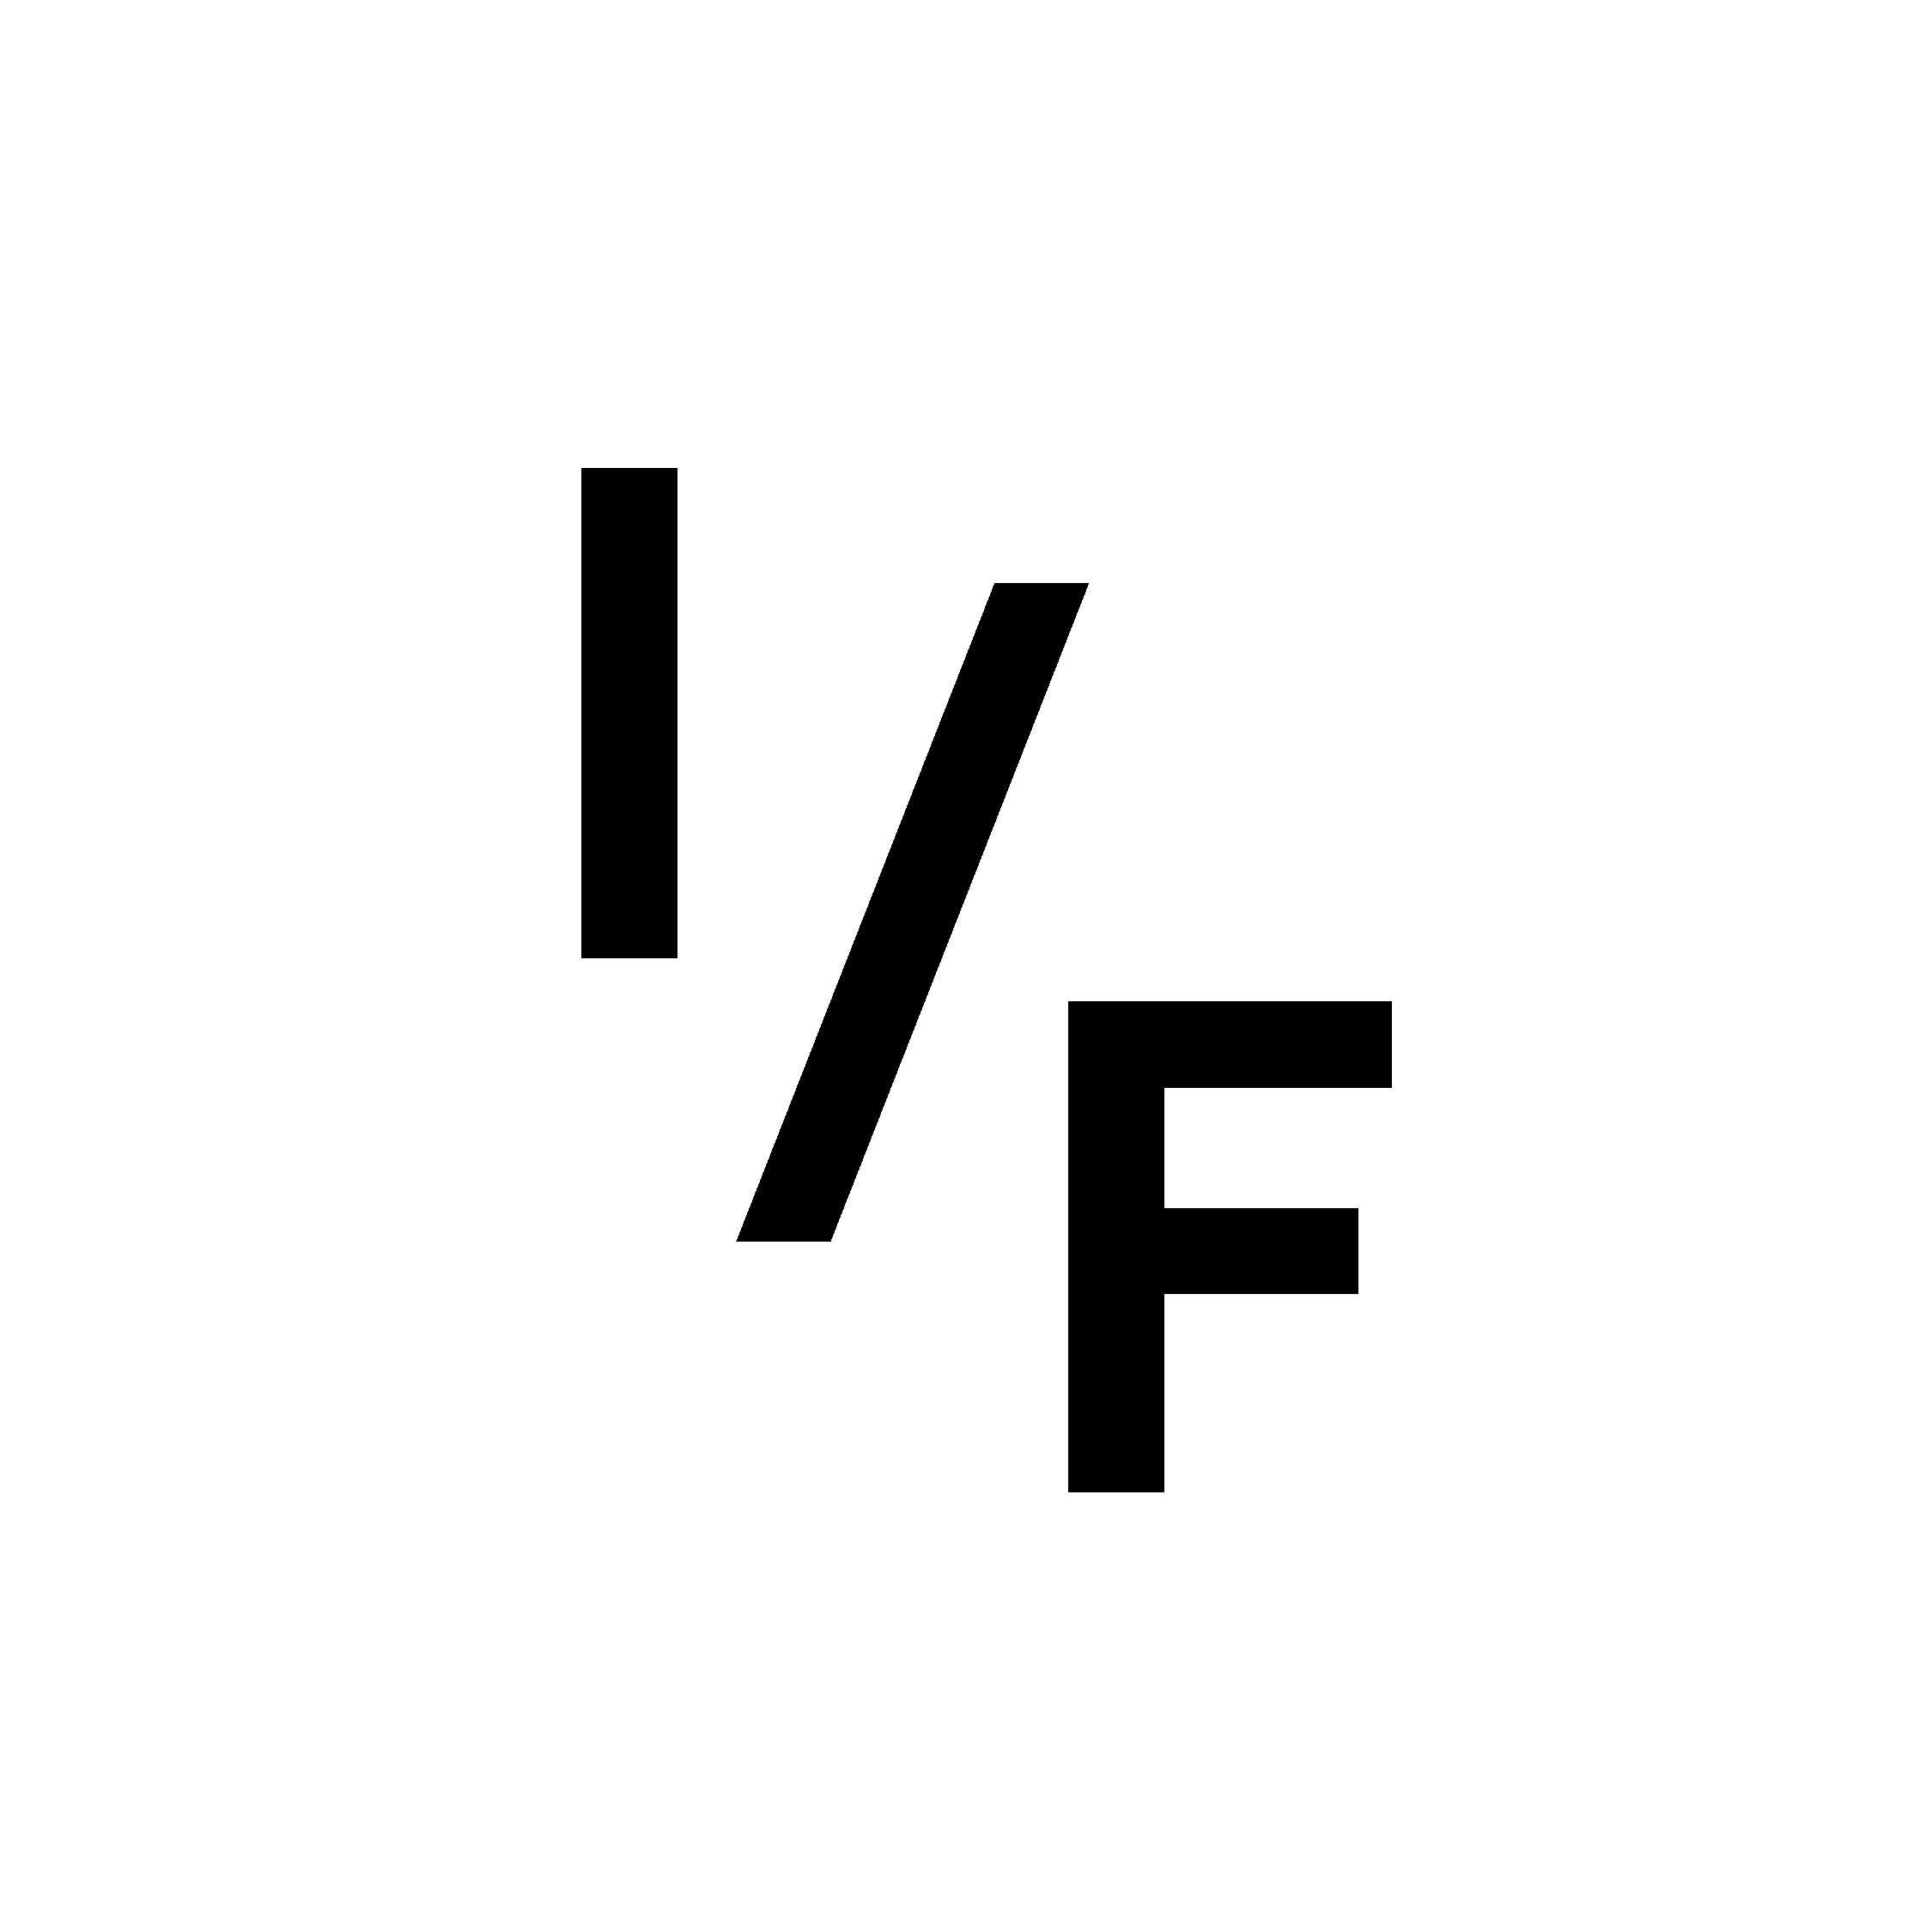 I/F logo